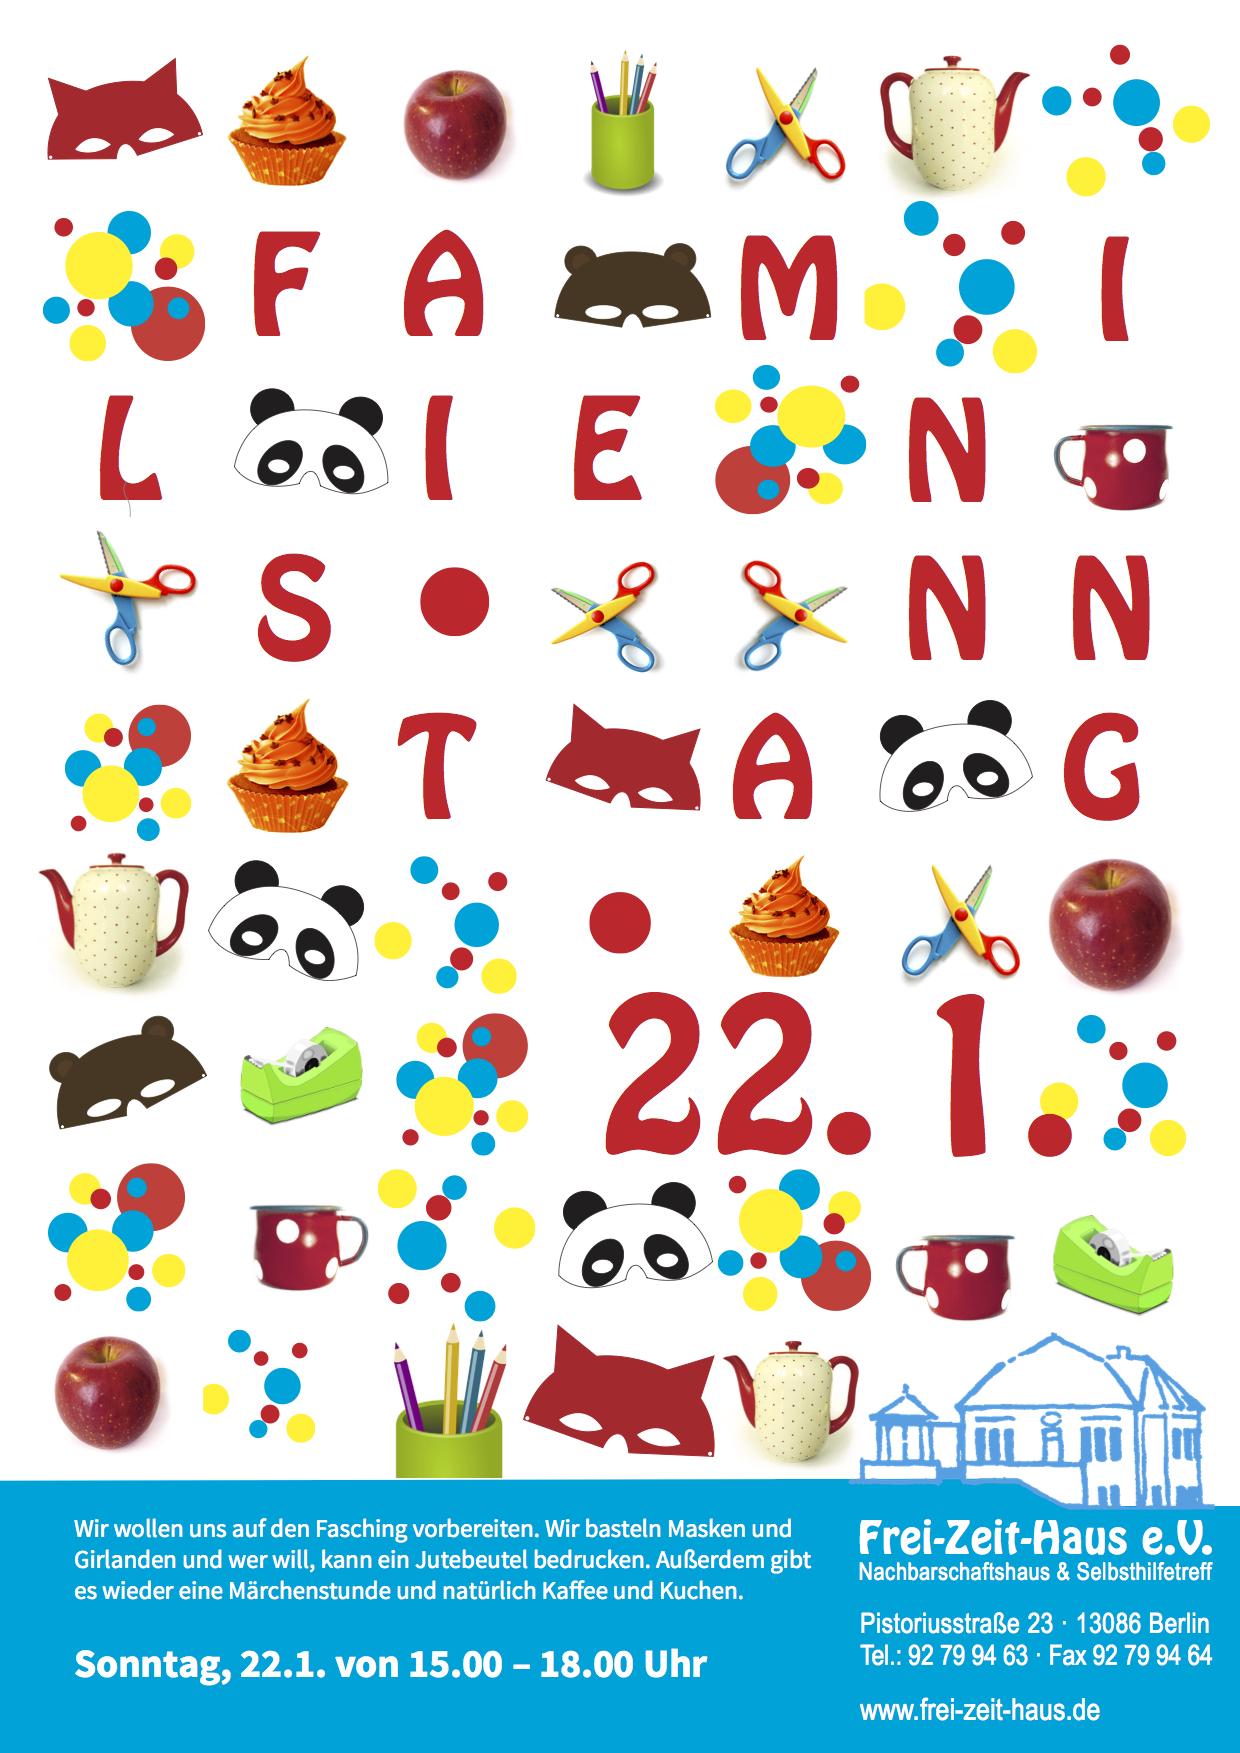 Familiensonntag im Frei-Zeit-Haus!